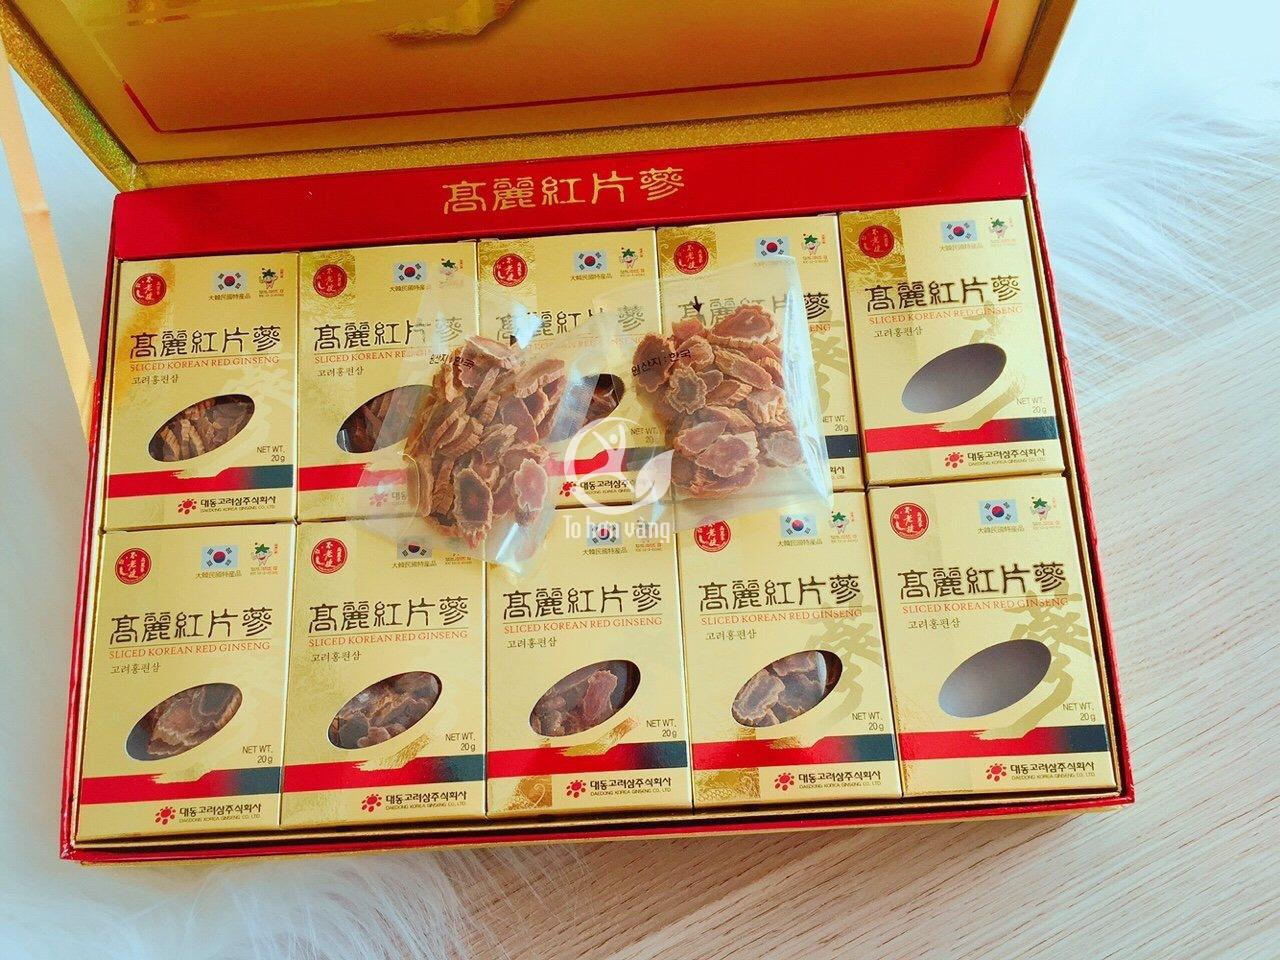 Hồng sâm thái lát Daedong là sản phẩm thuộc thương hiệu sâm Daedong Hàn Quốc, được lựa chọn từ những củ sâm tươi chất lượng nhất, hình dáng đẹp nhất